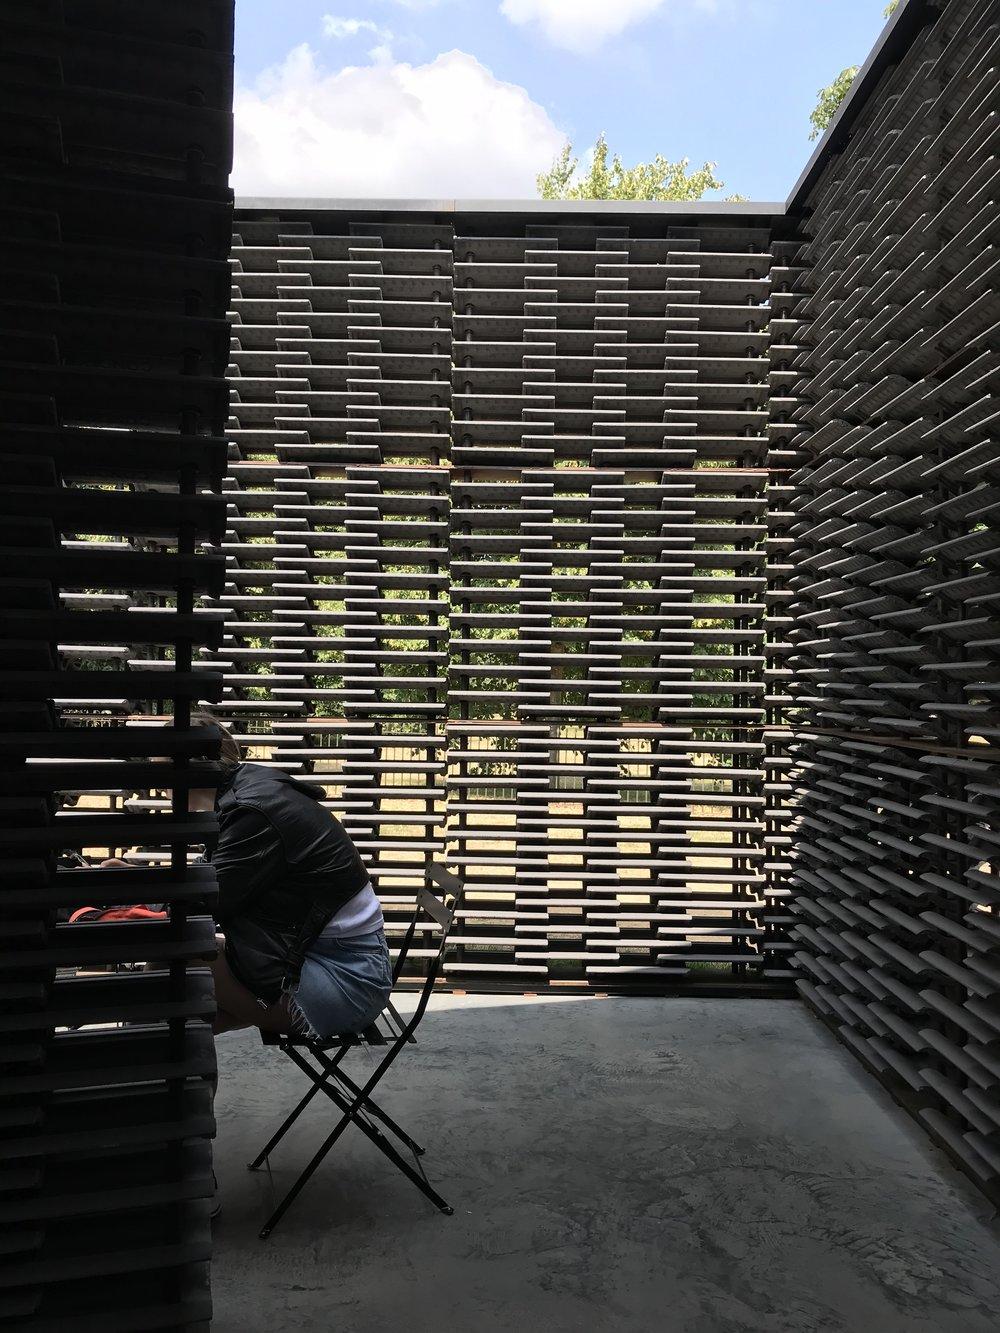 Serpentine Gallery Modern Art – Atmospheric Urban Space